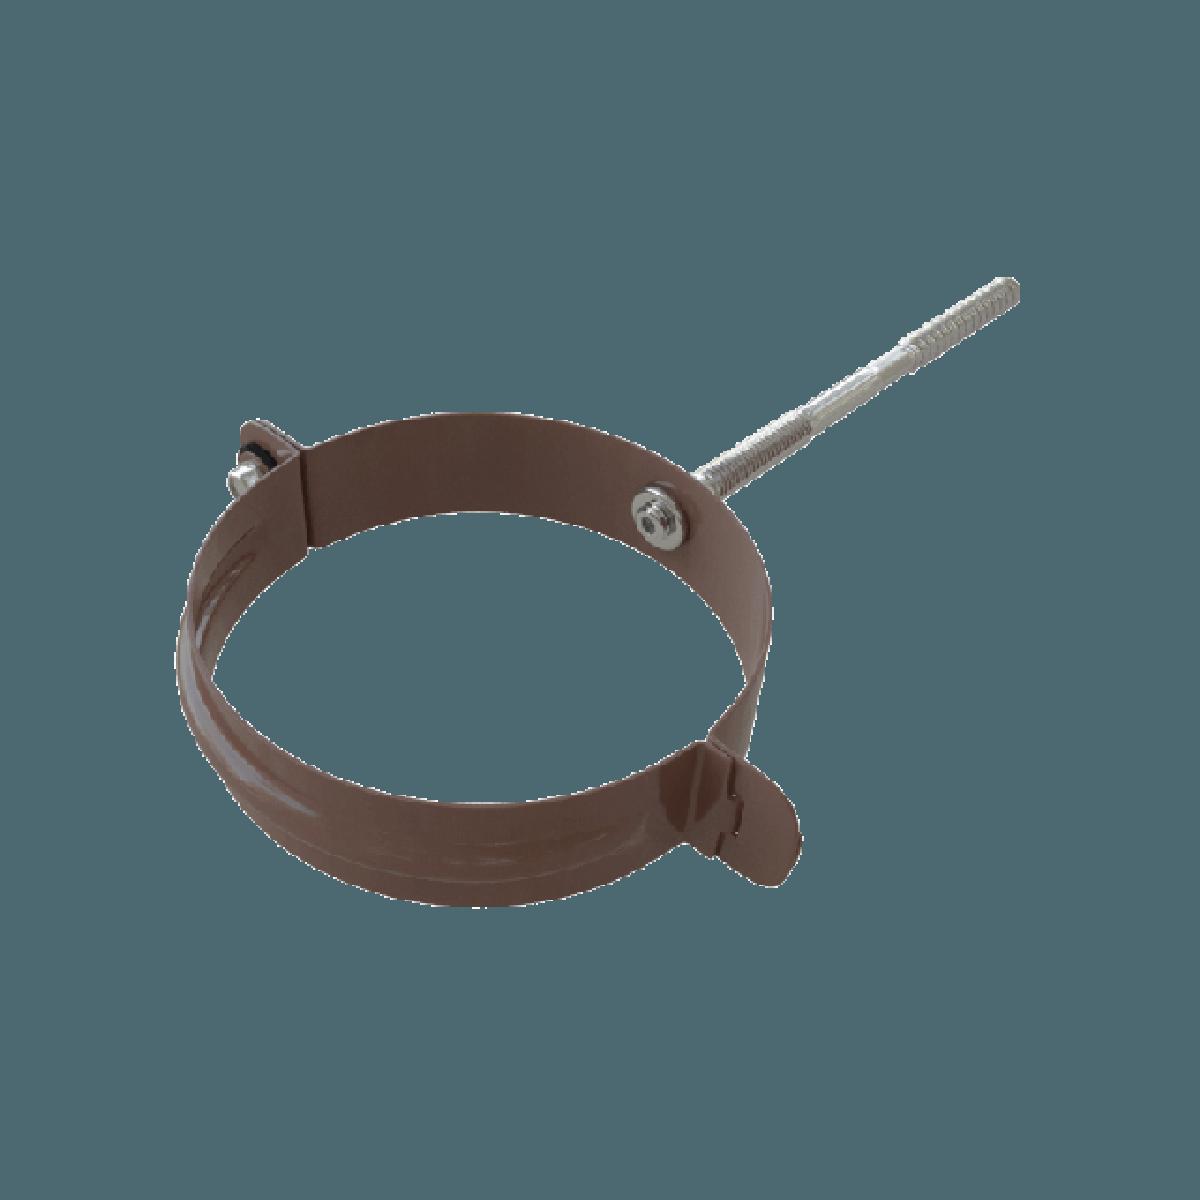 Хомуты для водосточной трубы своими руками